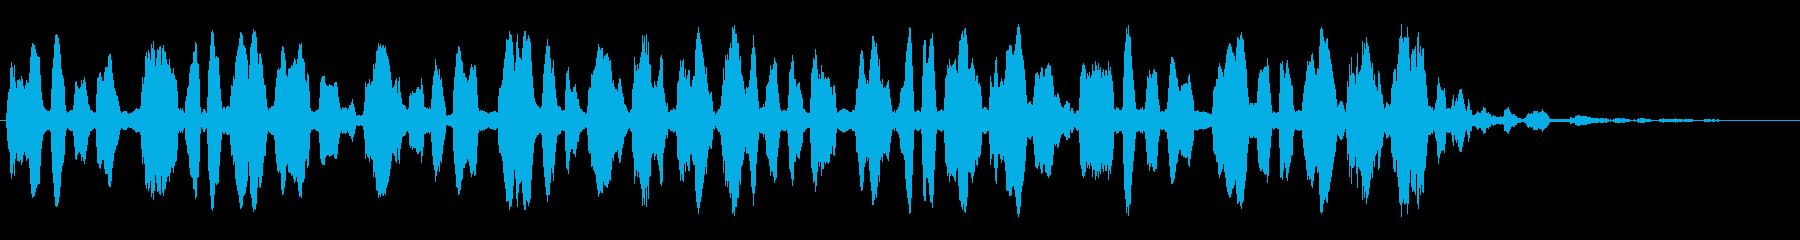 携帯、スマホなど着信音、ゲームにもの再生済みの波形